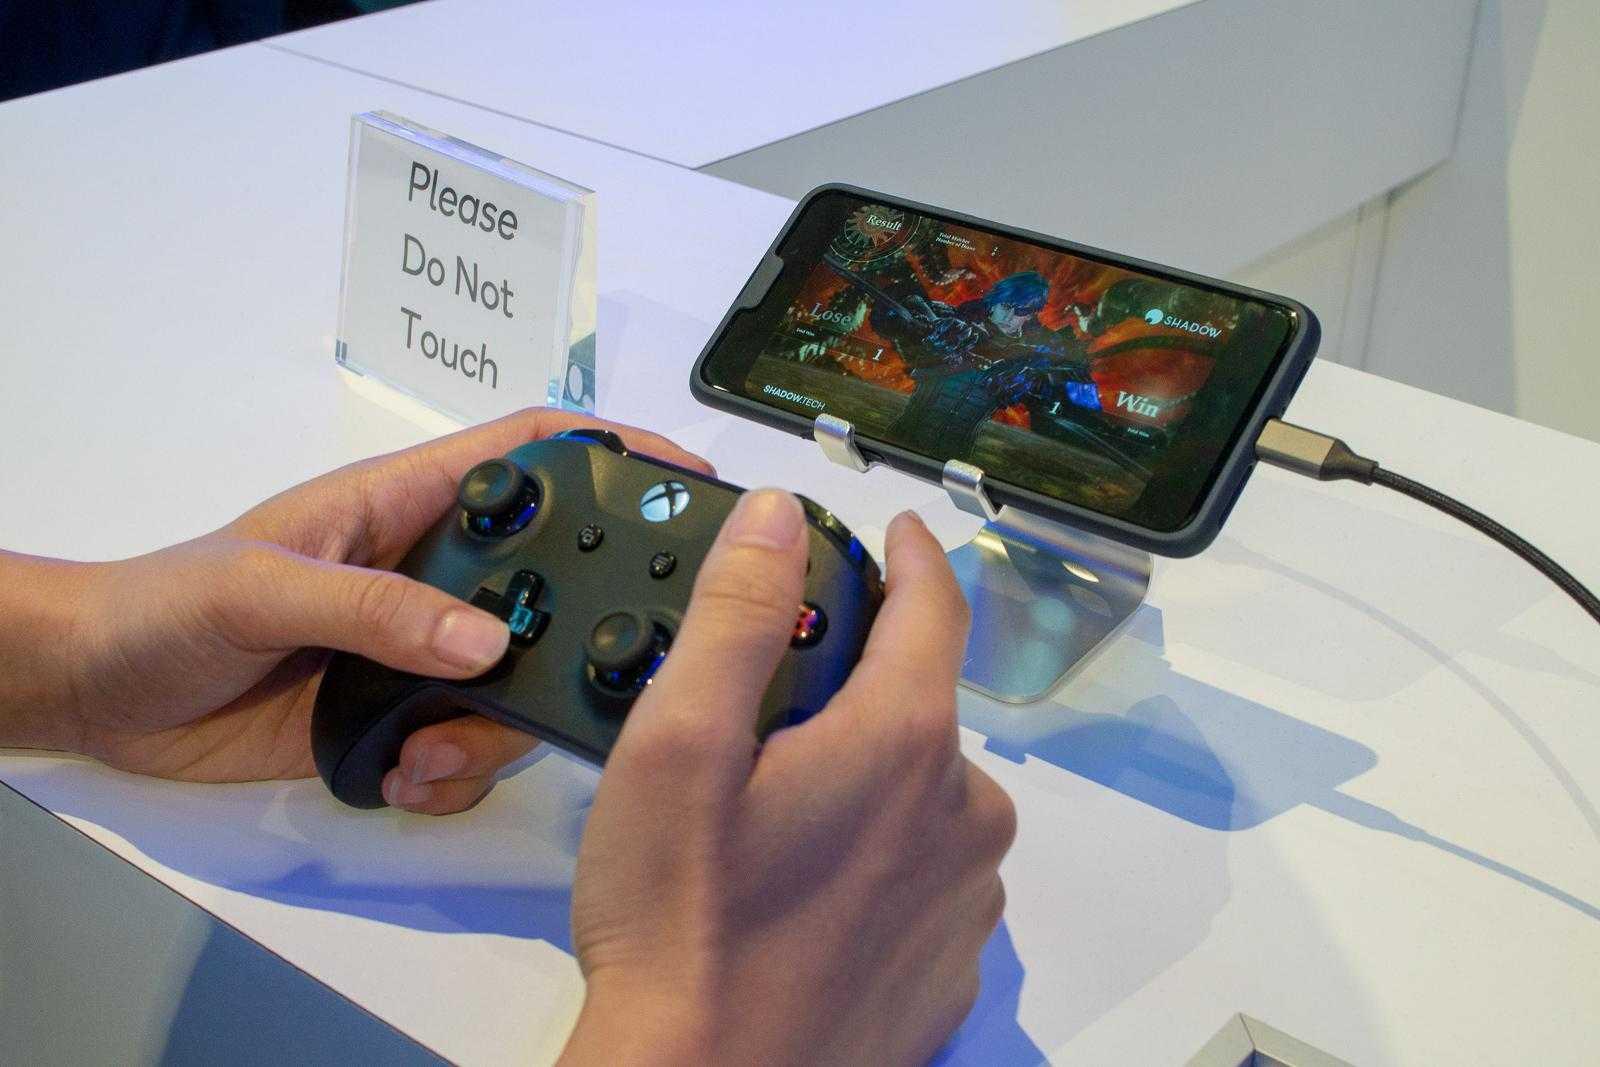 MWC 2019. OnePlus, Sony и Oppo показали прототипы смартфонов с 5G (5G prototype phones at MWC 1)